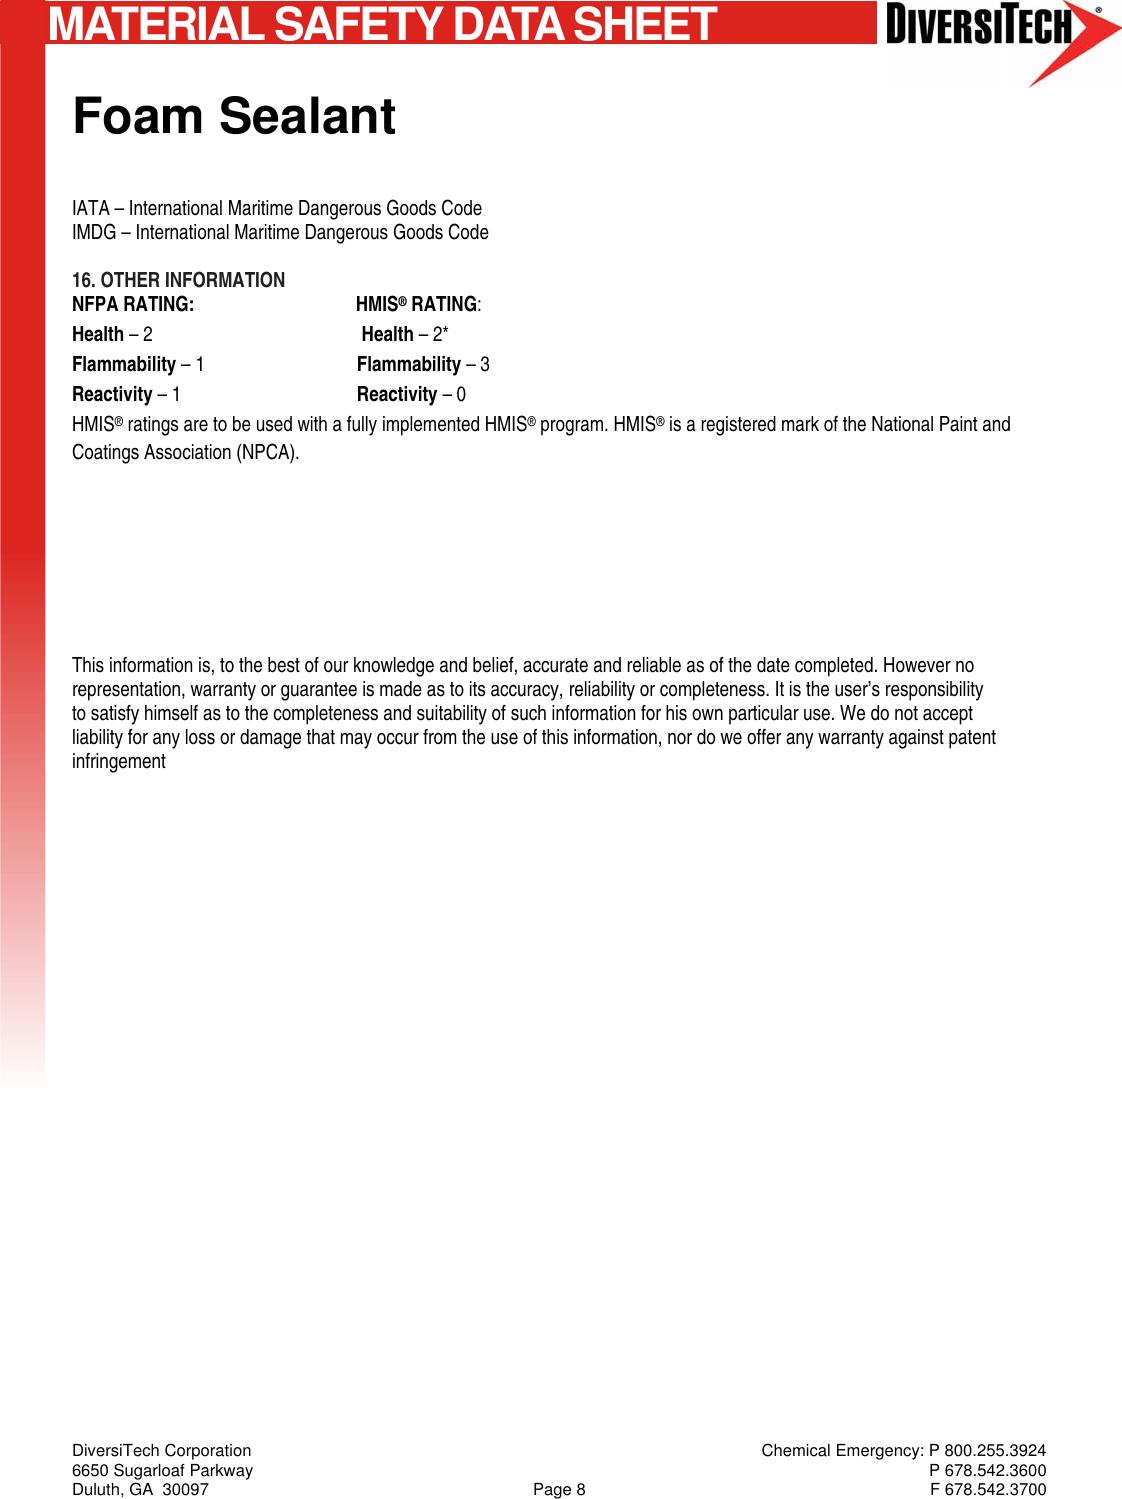 DOC27285 Foam Sealant 05 31 2012 728102 MSDS